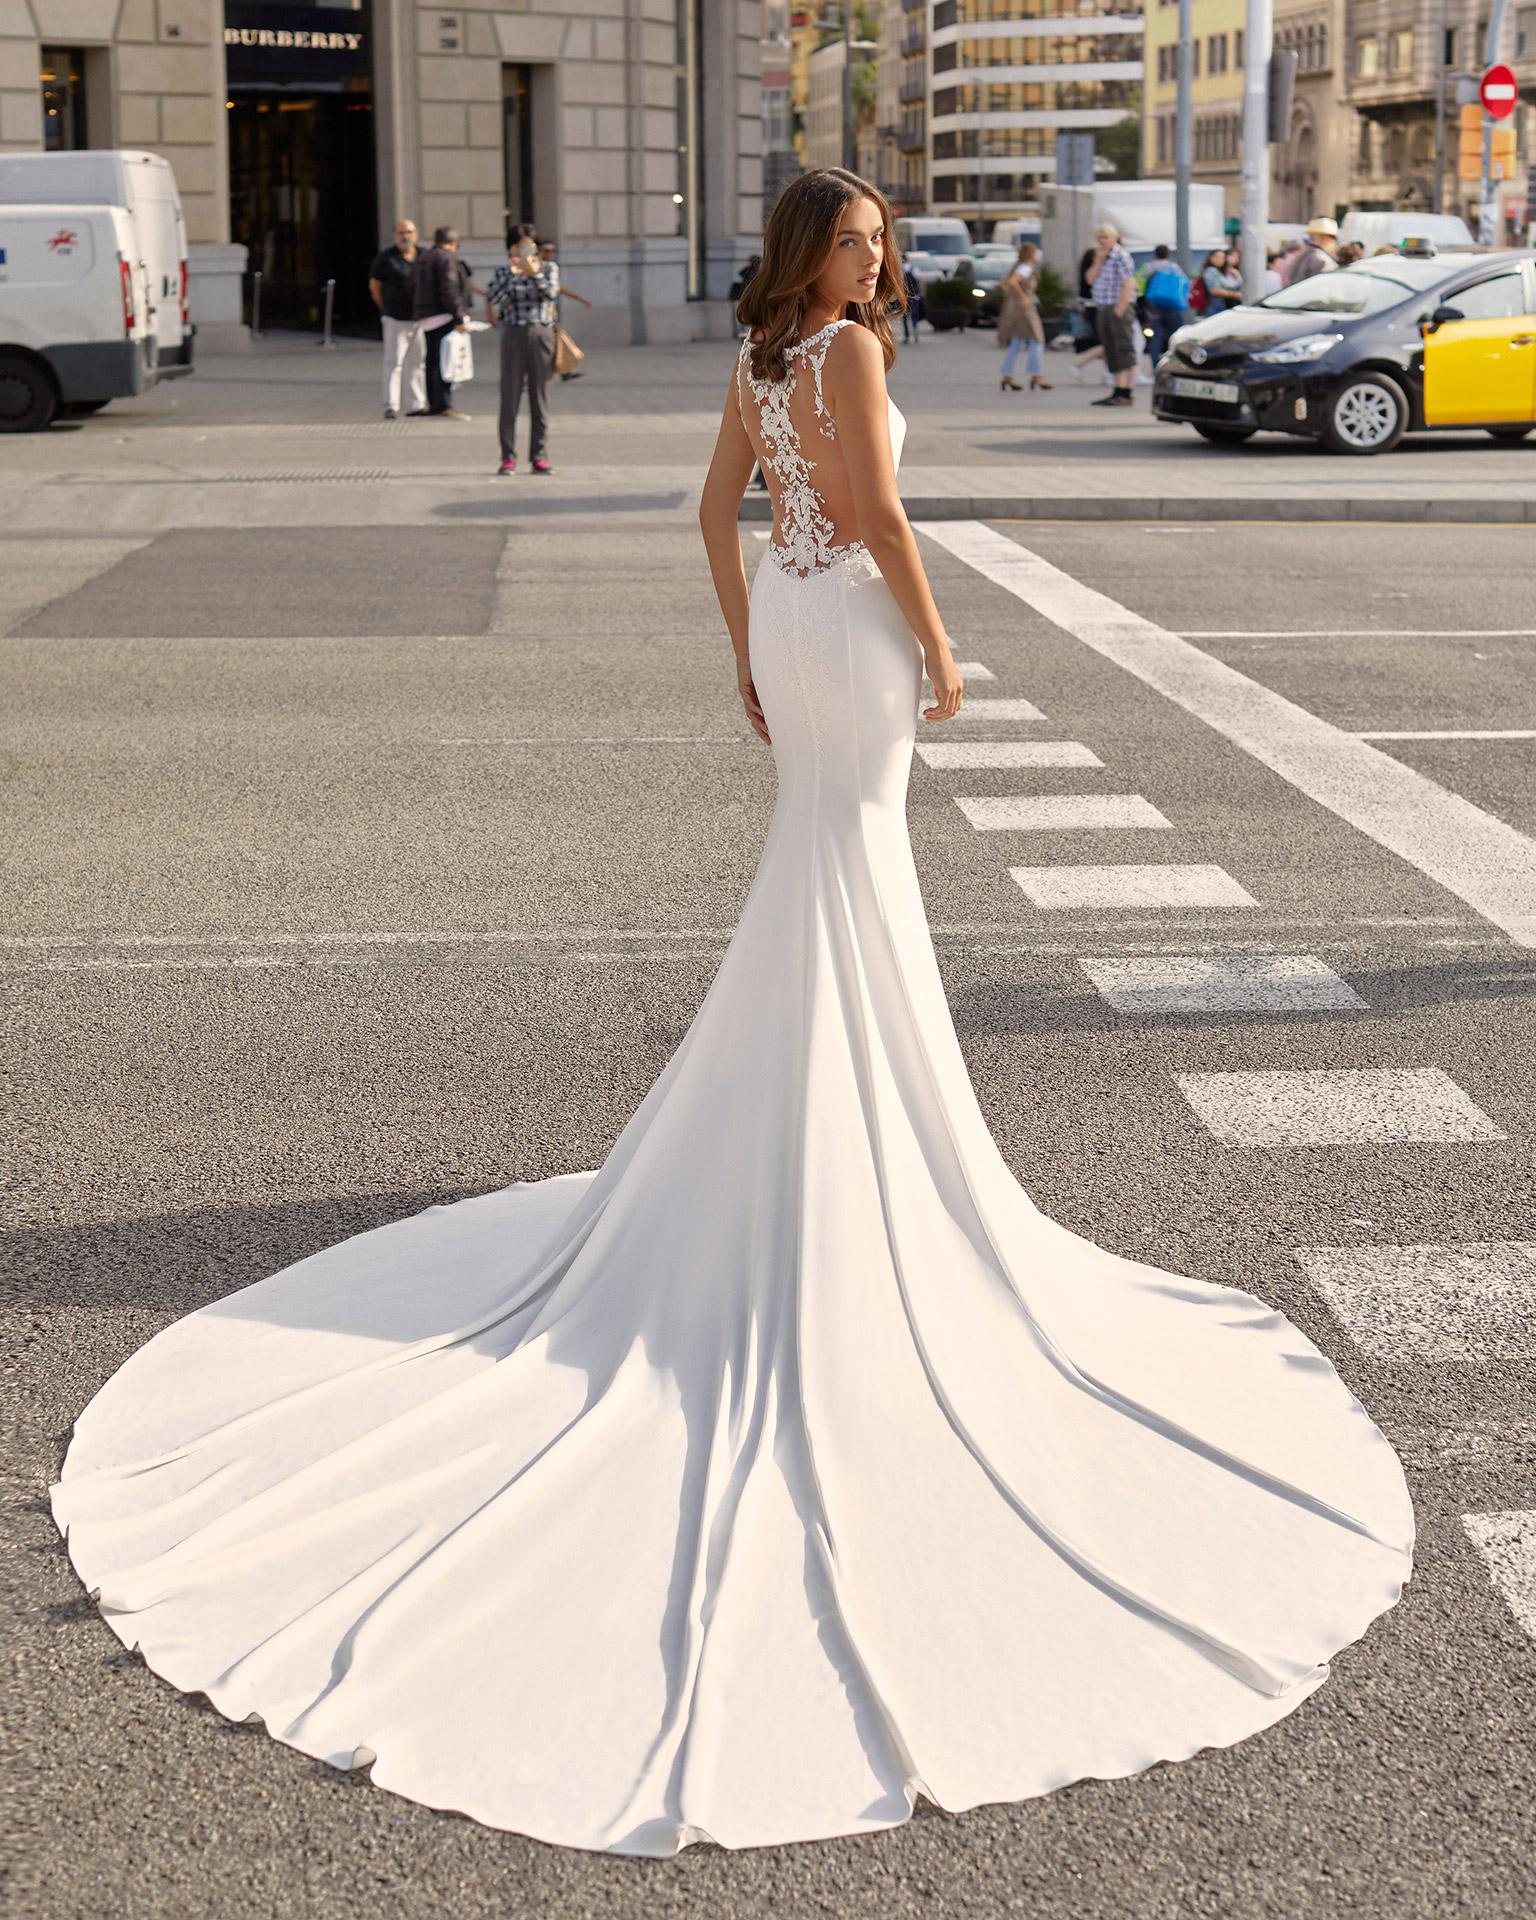 Vestido de novia corte sirena de crep elástico, encaje y pedrería. Escote en V y espalda transparente con aplicaciones. Colección  2021.